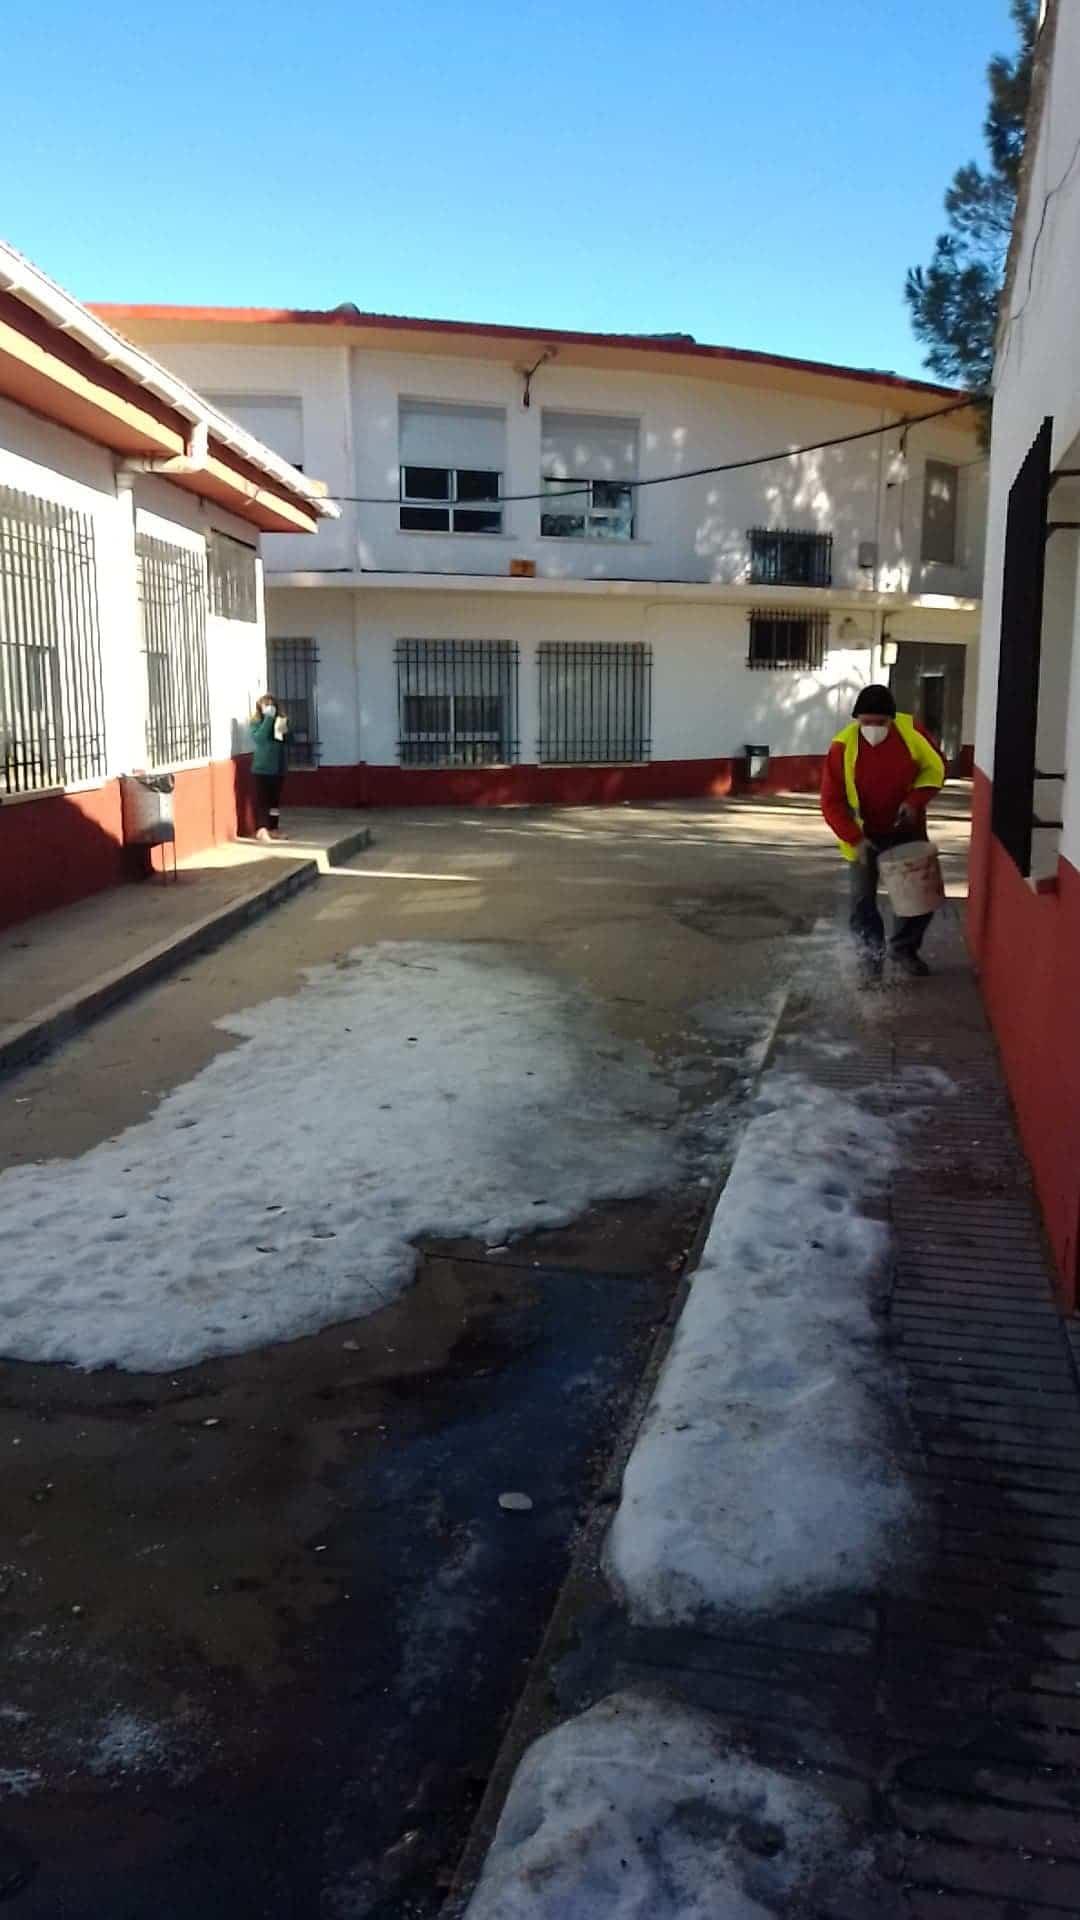 Limpieza de imbornales y retirada de placas de hielo en Herencia 16